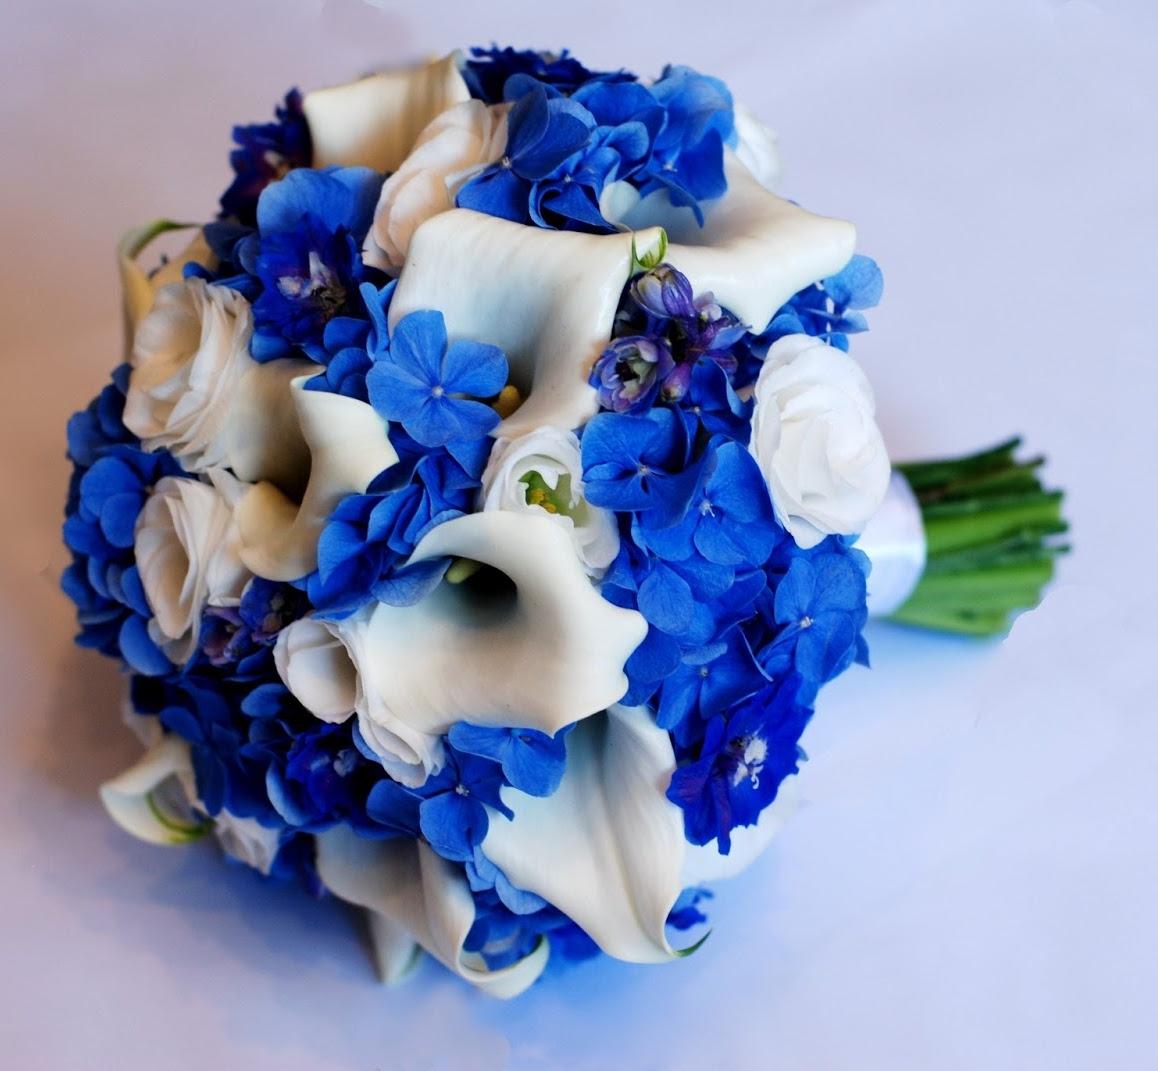 Букетов из синих калл фото свадебных, оригинальный букет